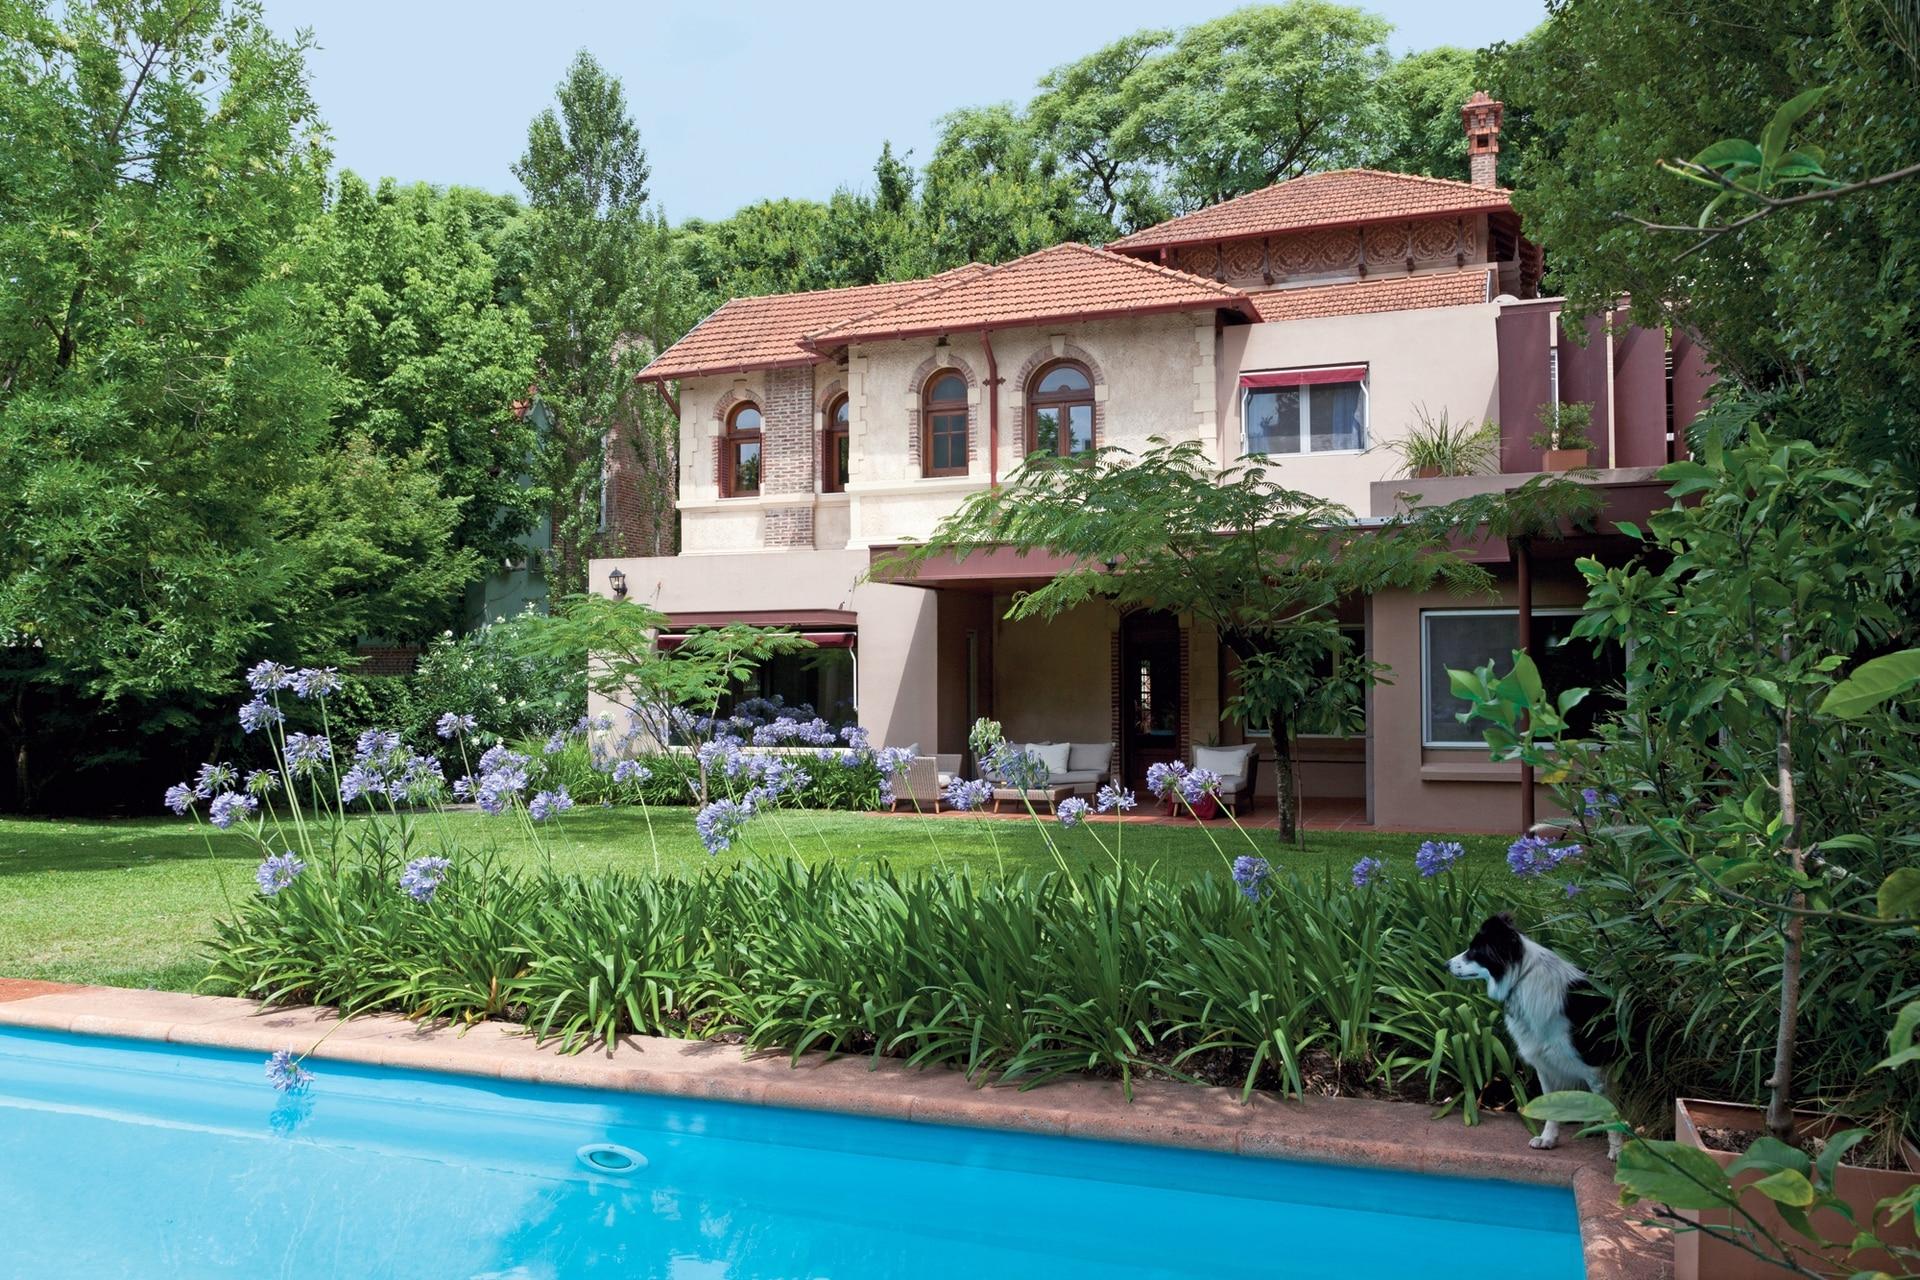 Alex Grönberger y Martina Kirst, economista y autora holandesa viven desde hace tres años en esta casa de 1926 que reformaron por completo.